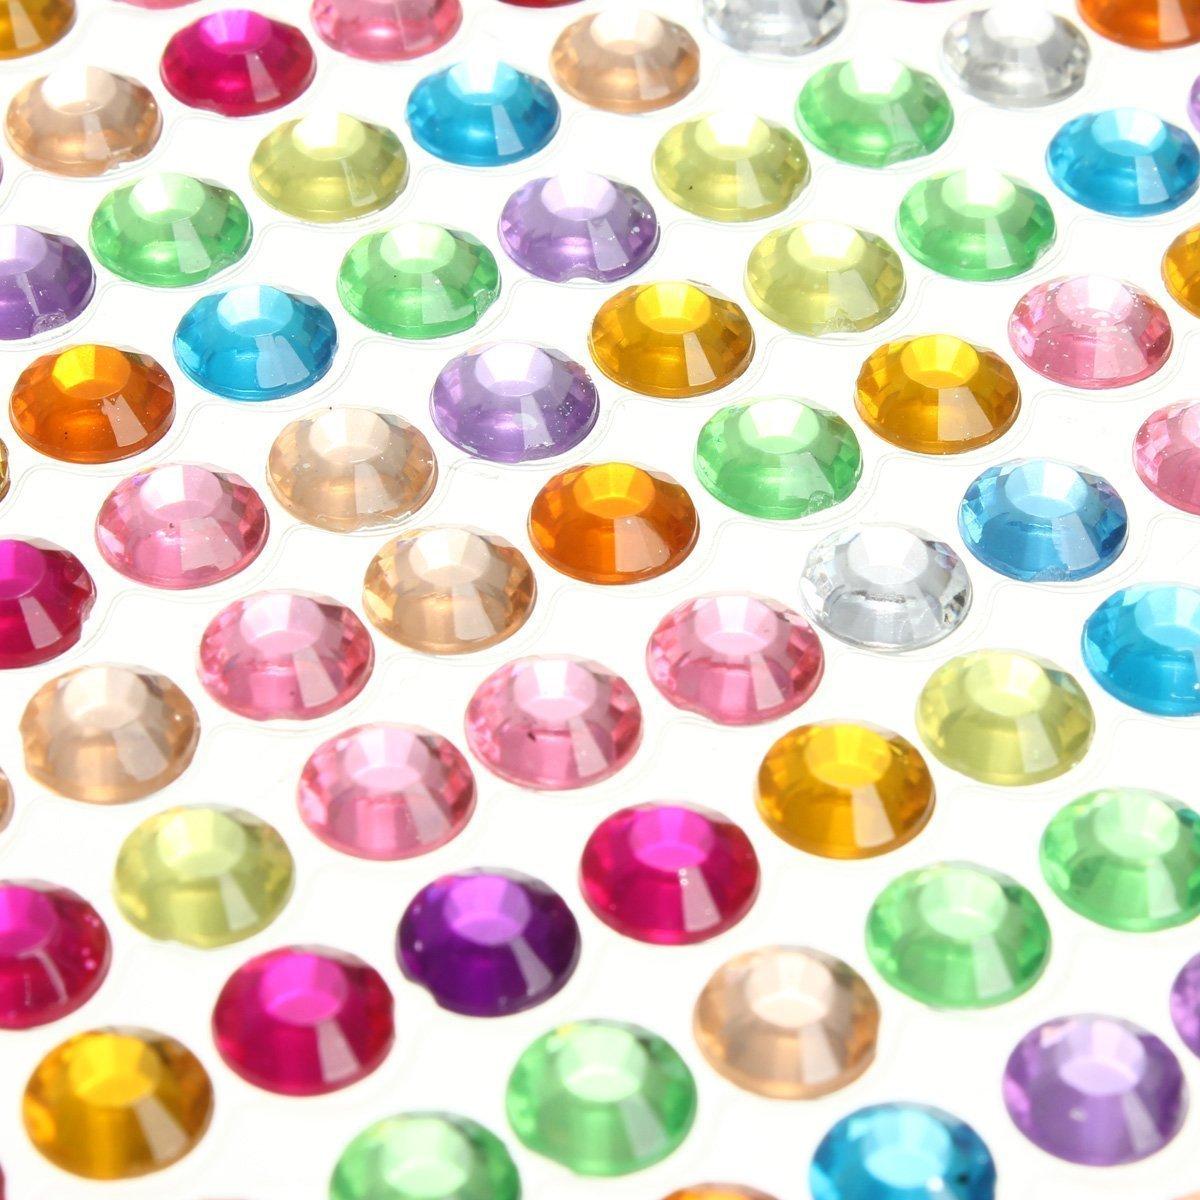 Parth Impex 1699pezzi 3mm 4mm 5mm 6mm Bling autoadesivo multicolore strass acrilico foglio diamante gioiello gioiello adesivi per di scrapbooking abbellimenti DIY Arts Crafts Body Face Nails Pimpex-0015